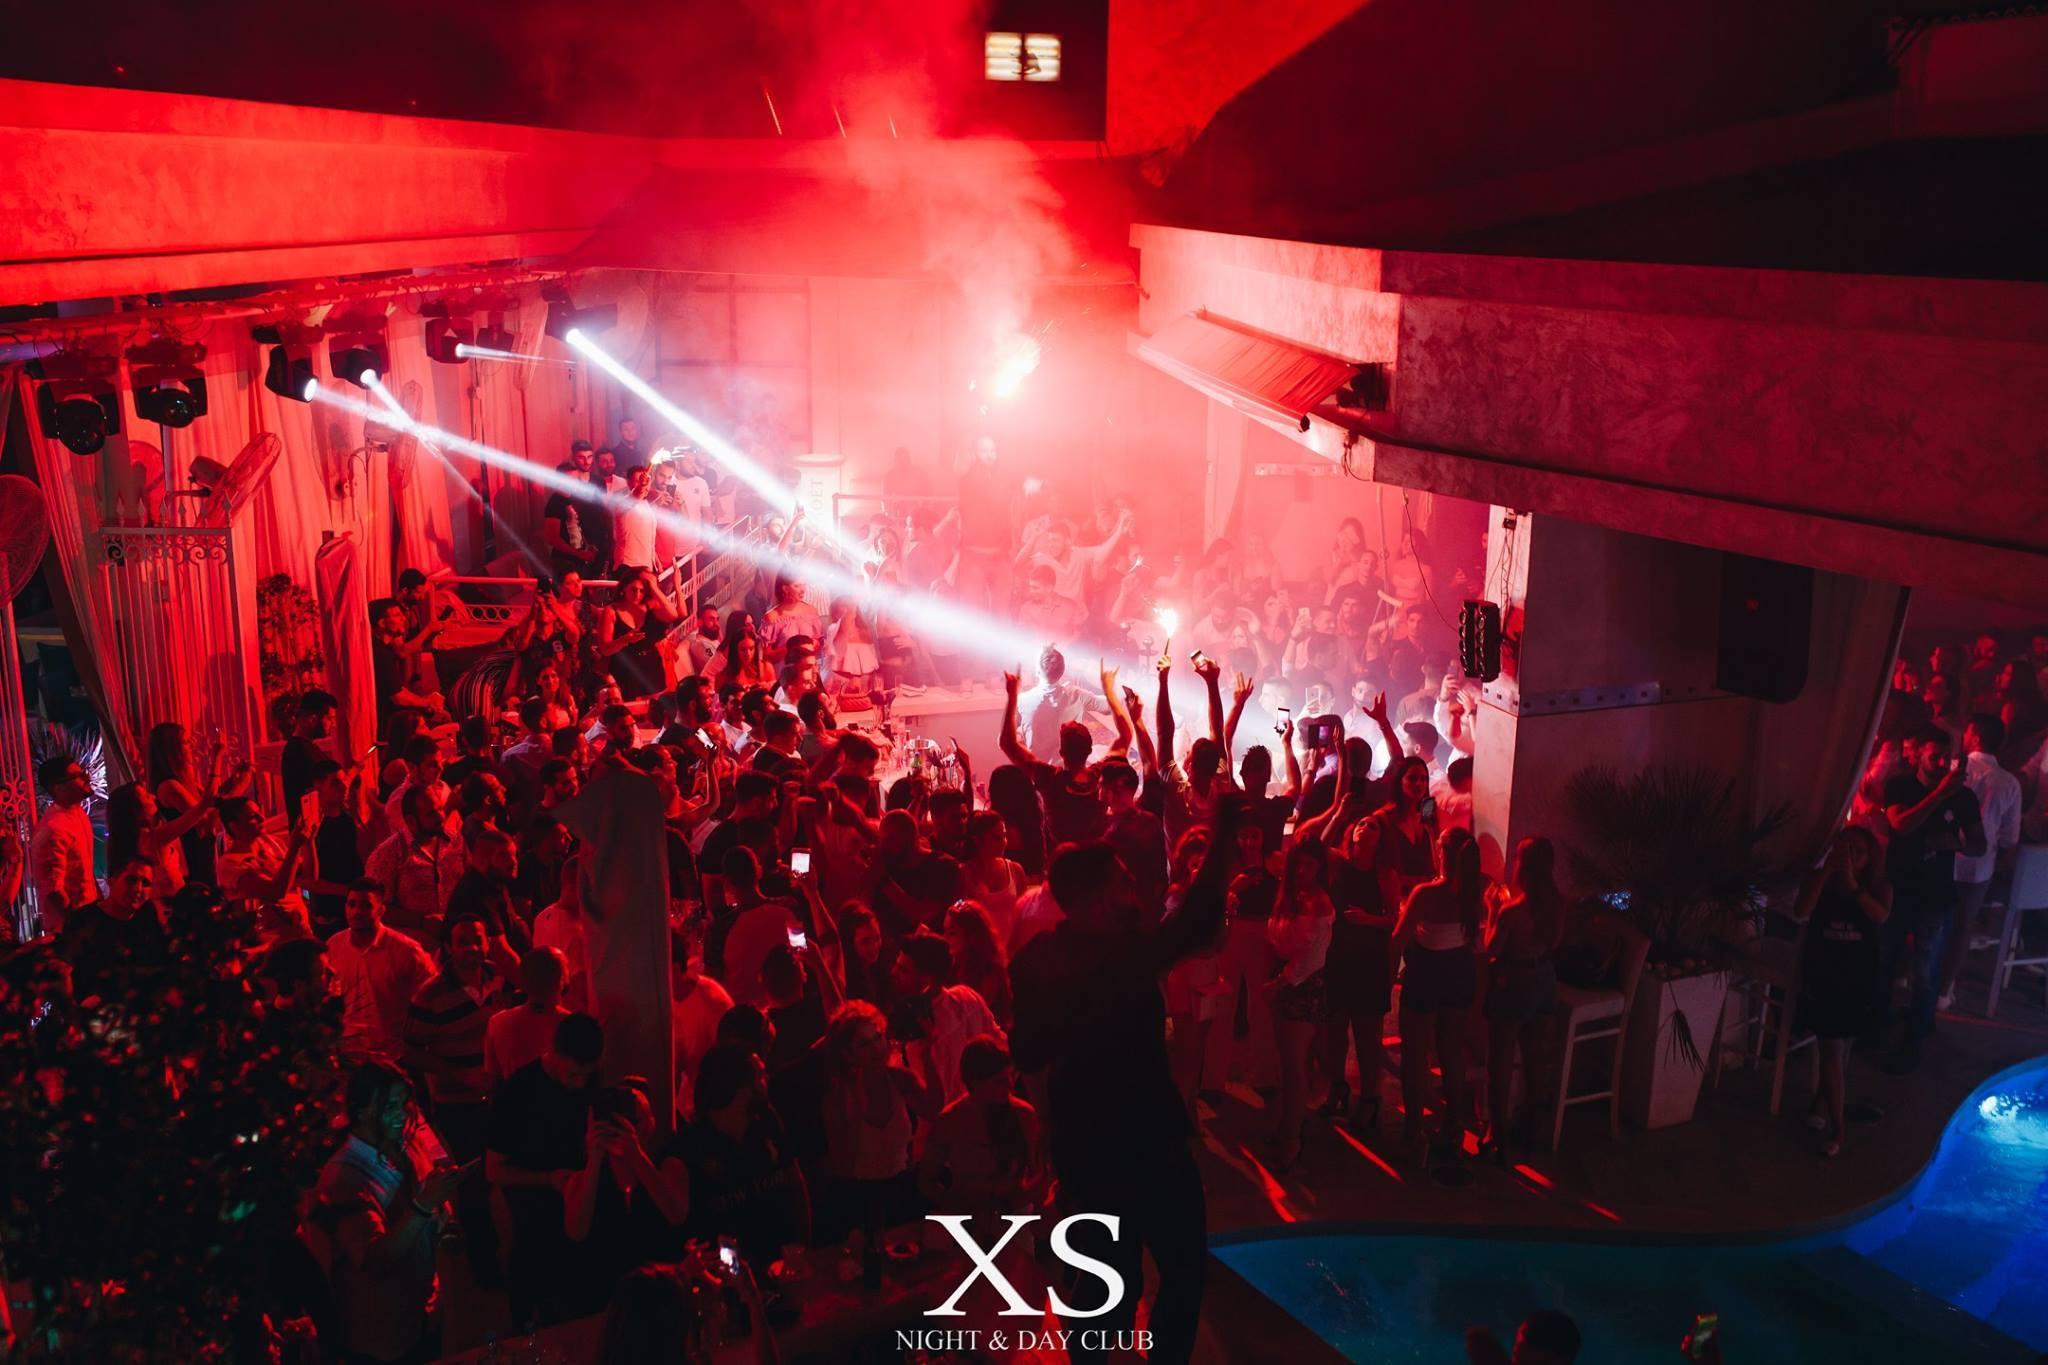 Έρχεται Σαββατοκύριακο φωτιά στο XS Night & Day Club (video)